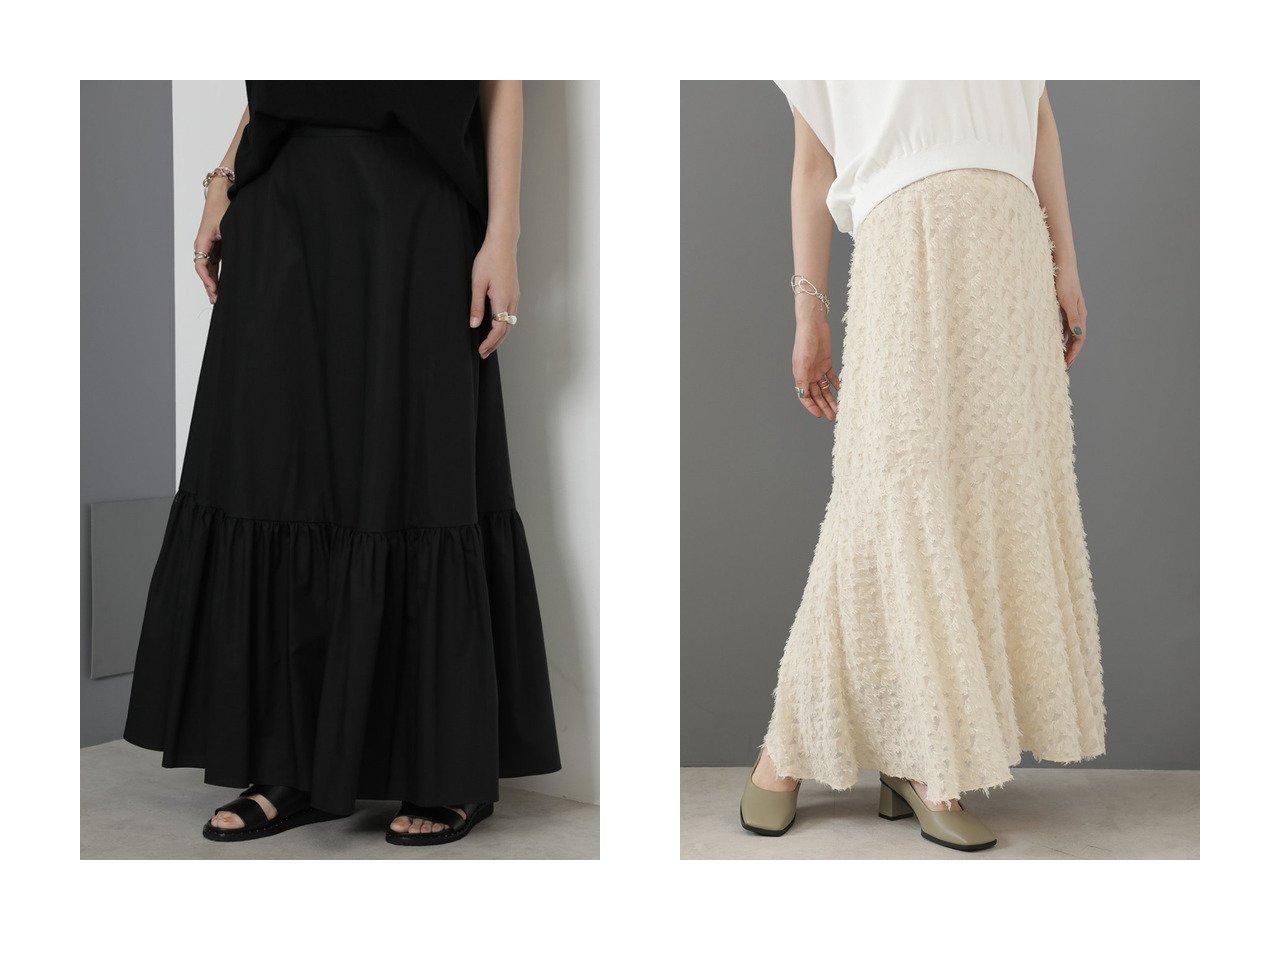 【ROSE BUD/ローズバッド】のティアードスカート&カットジャカードマーメイドスカート 【スカート】おすすめ!人気、トレンド・レディースファッションの通販 おすすめで人気の流行・トレンド、ファッションの通販商品 インテリア・家具・メンズファッション・キッズファッション・レディースファッション・服の通販 founy(ファニー) https://founy.com/ ファッション Fashion レディースファッション WOMEN スカート Skirt ロングスカート Long Skirt ティアードスカート Tiered Skirts 2020年 2020 2020-2021秋冬・A/W AW・Autumn/Winter・FW・Fall-Winter/2020-2021 2021年 2021 2021-2022秋冬・A/W AW・Autumn/Winter・FW・Fall-Winter・2021-2022 A/W・秋冬 AW・Autumn/Winter・FW・Fall-Winter ジャカード フレア ロング 夏 Summer ティアード ティアードスカート バランス |ID:crp329100000056316